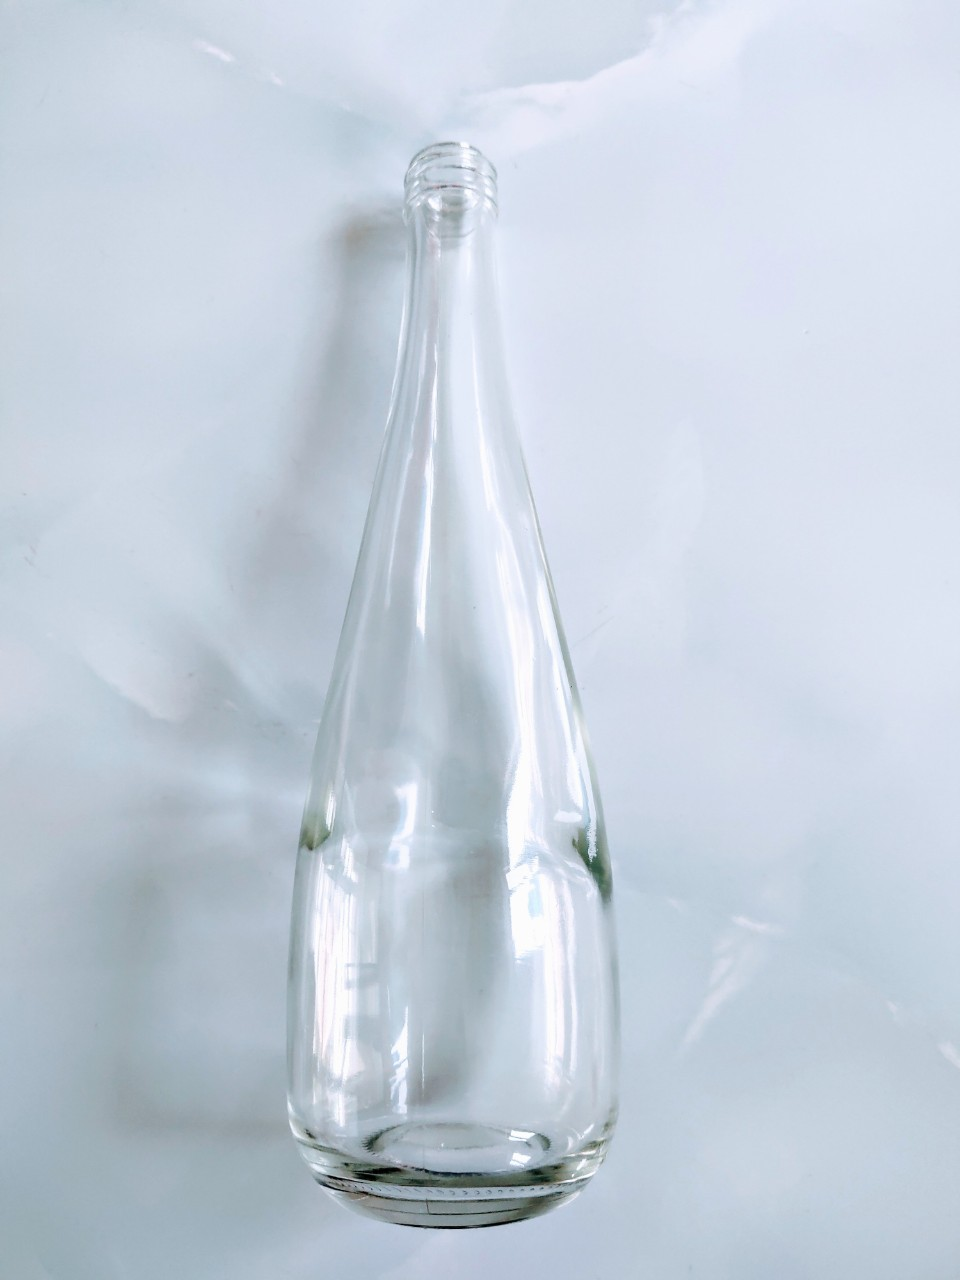 chai giọt nước 2